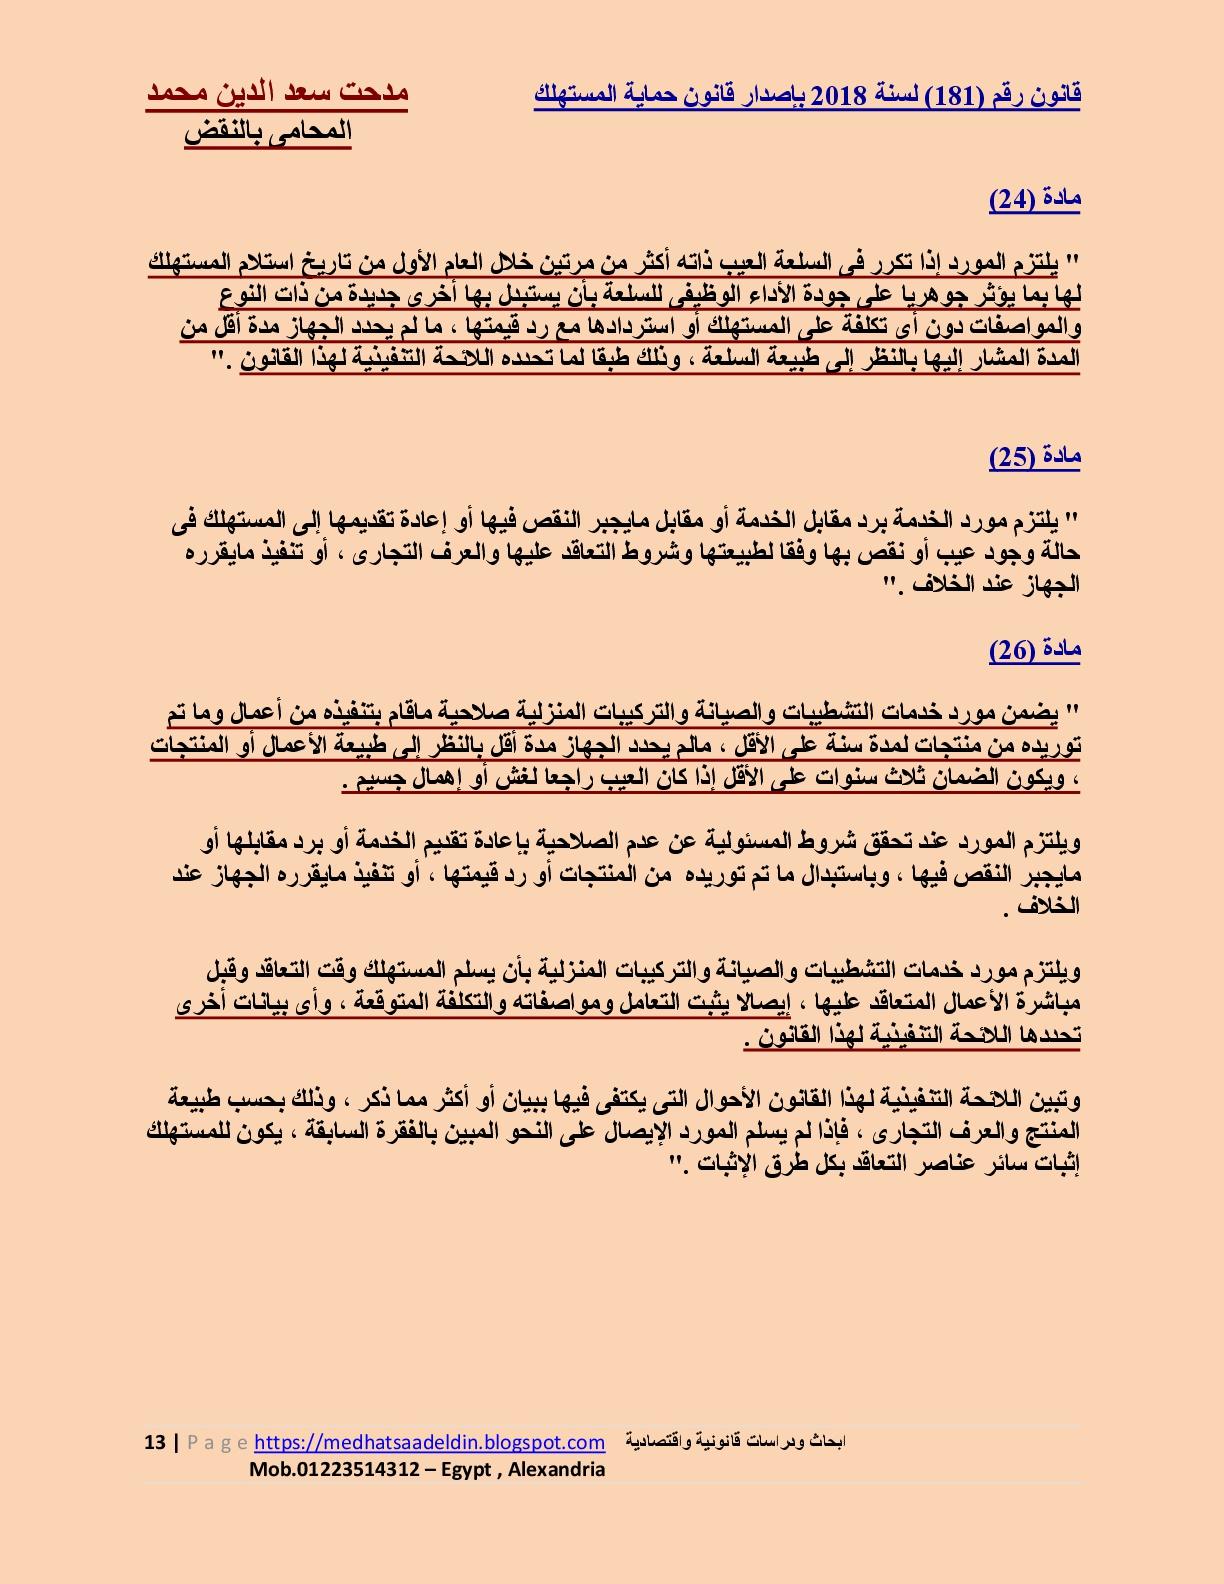 مدحت سعد الدين محمد المحامى بالنقض قانون رقم 181 لسنة 2018 بإصدار قانون حماية المستهلك المصرى